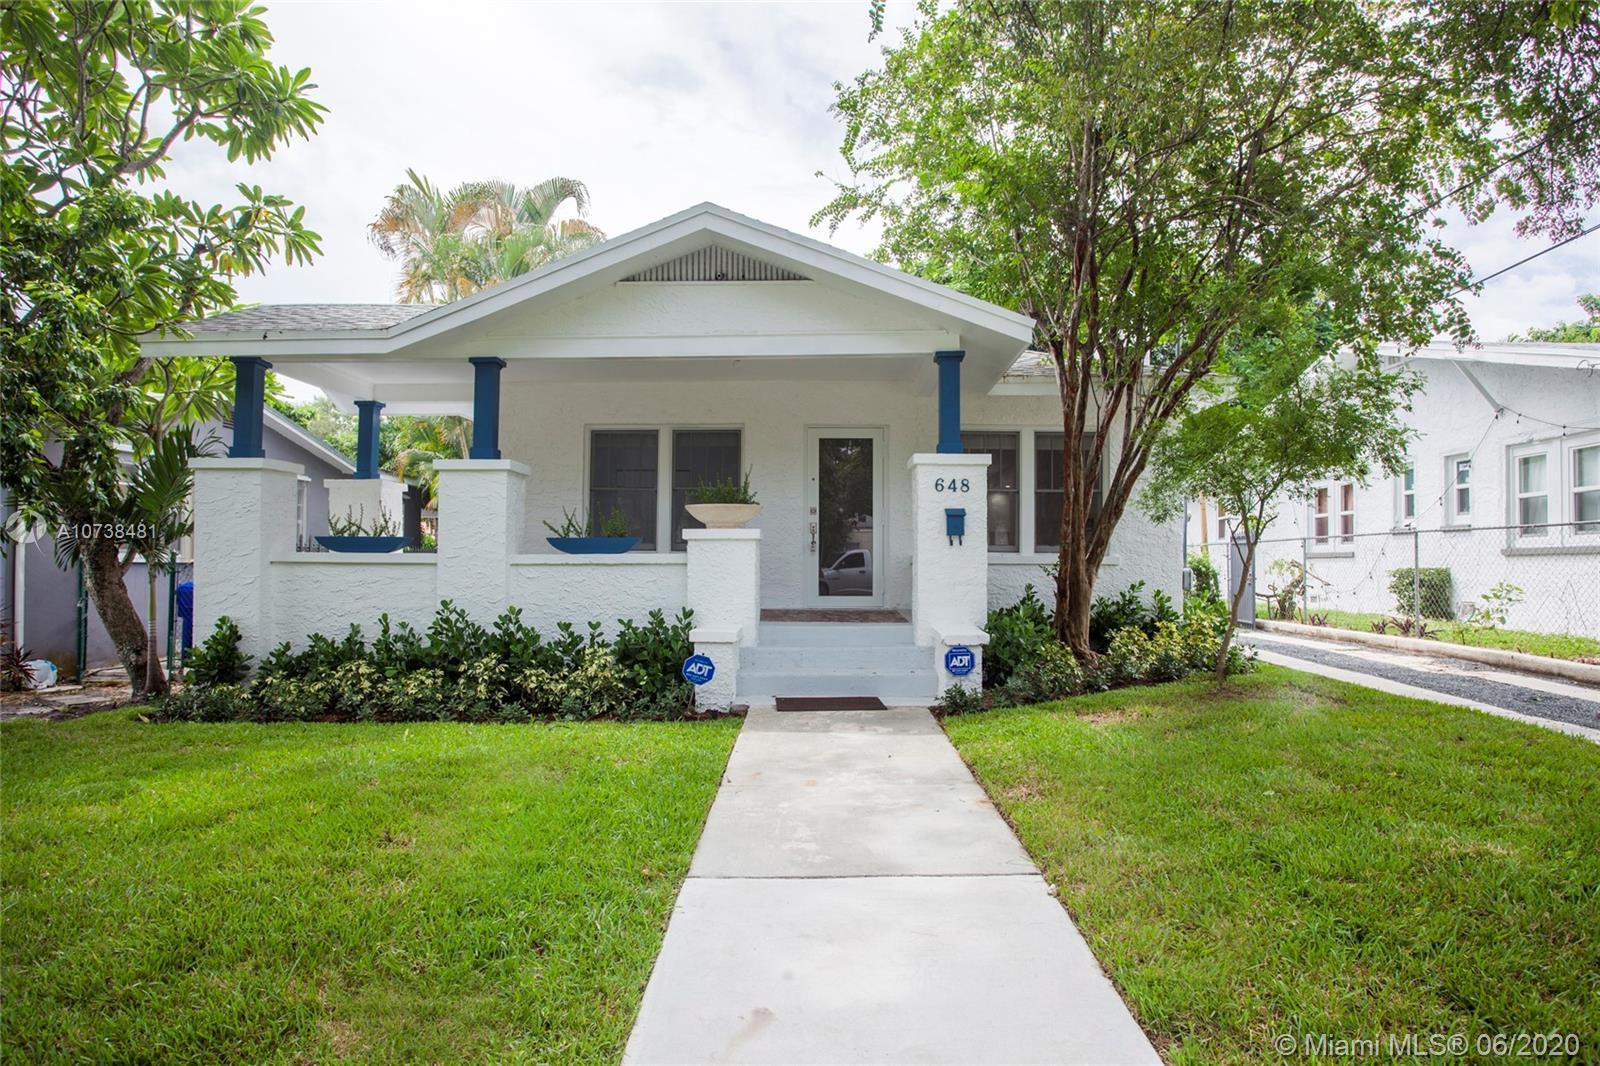 648 NE 71st St  For Sale A10738481, FL